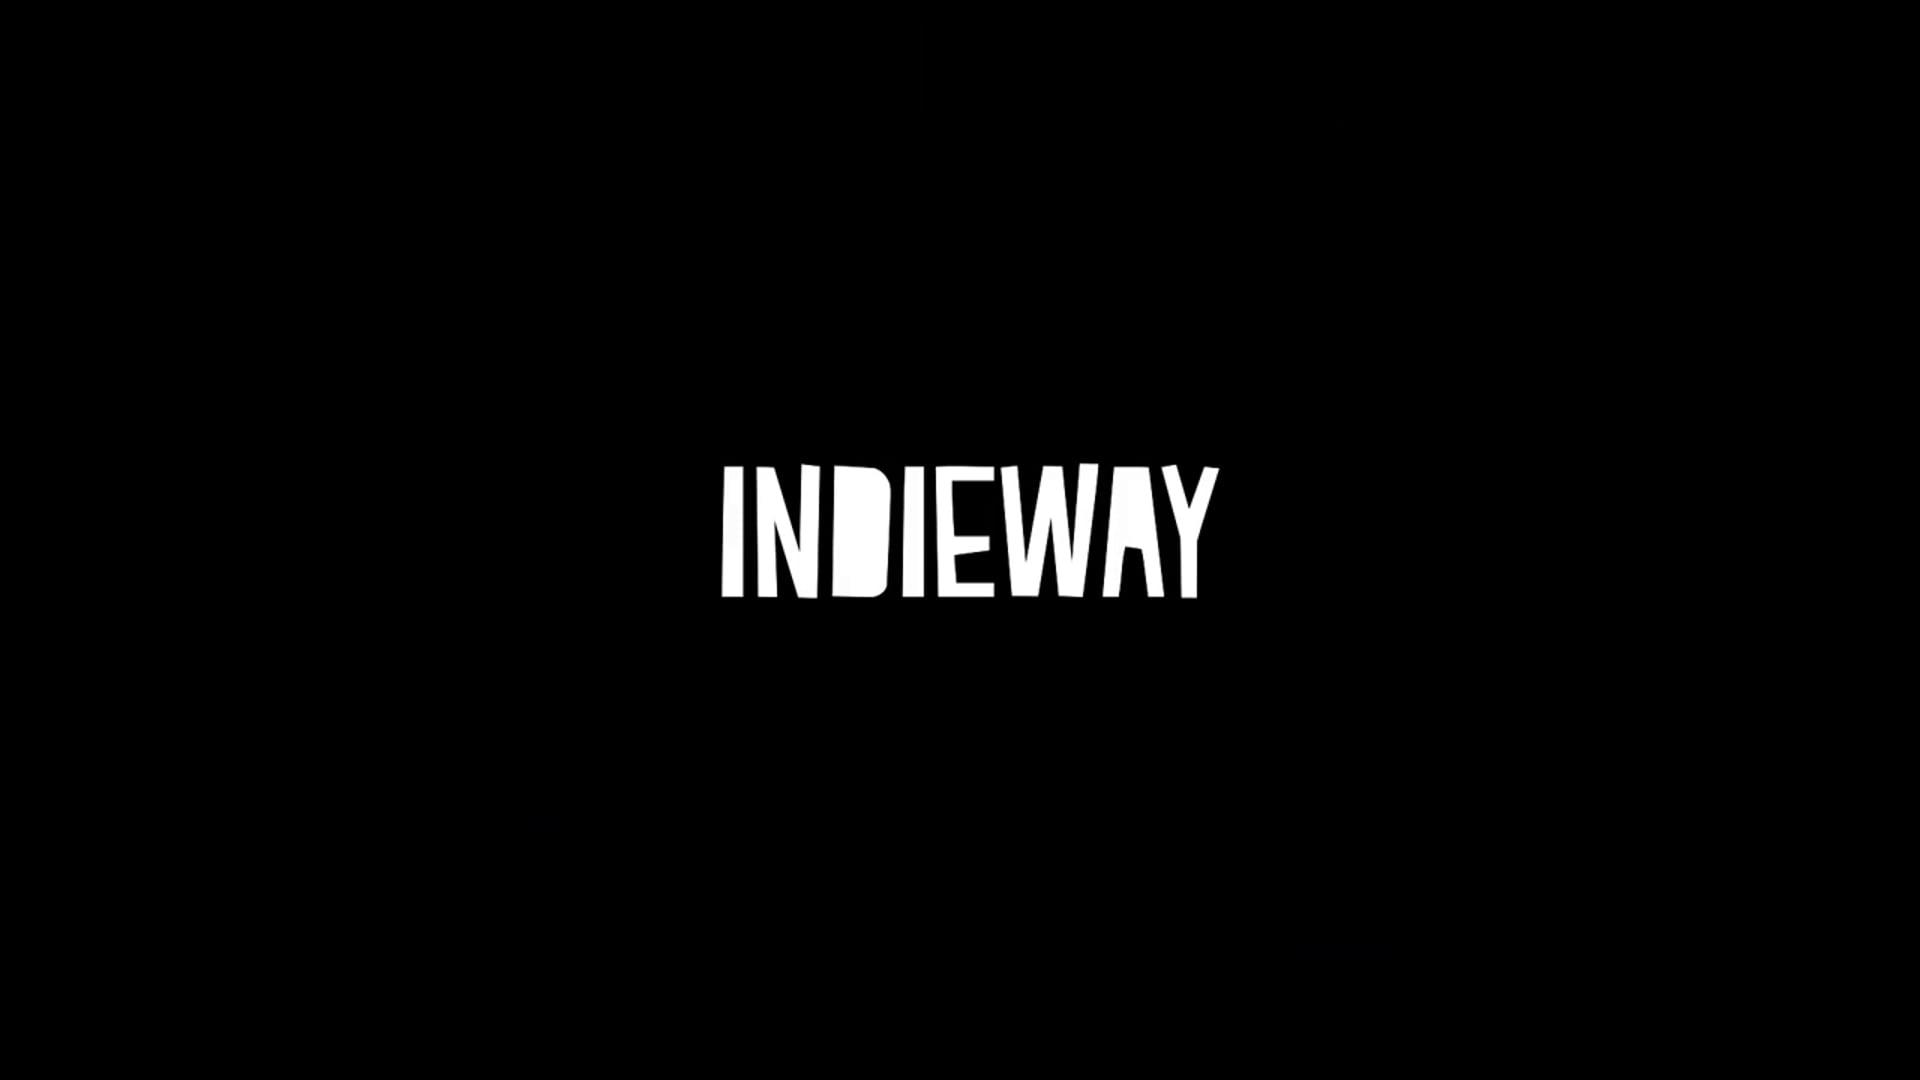 Indie Way - Teaser